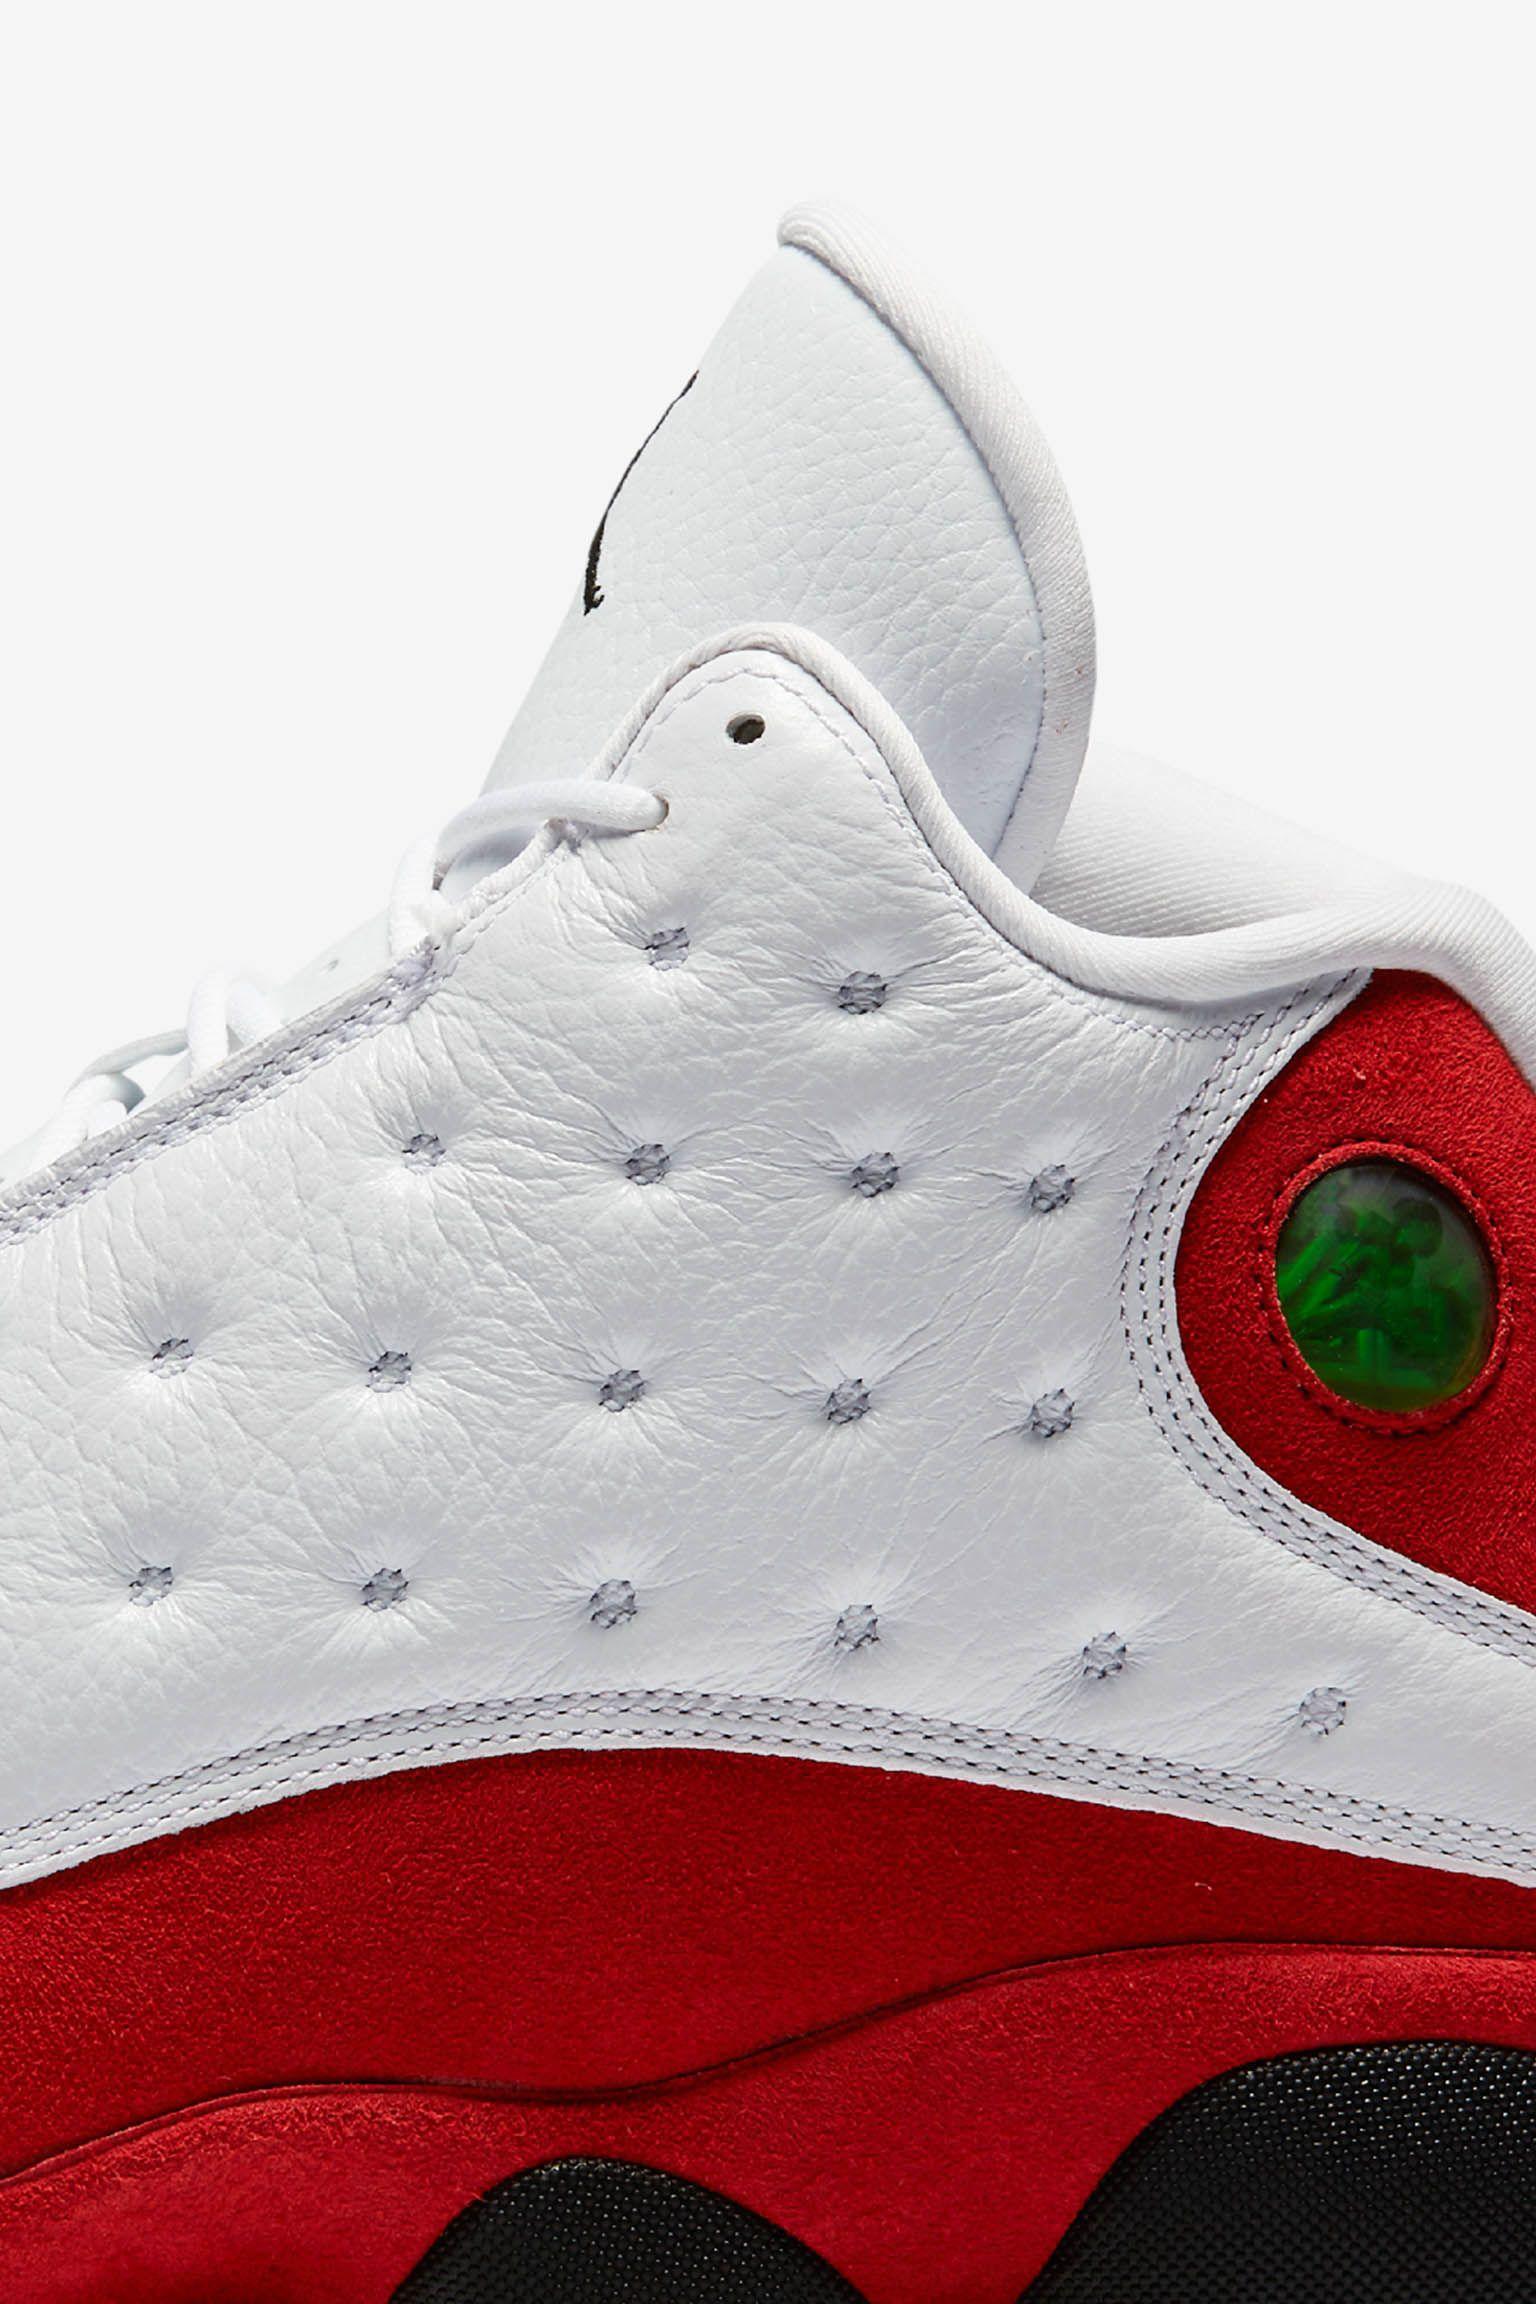 Air Jordan 13 Retro OG 'White & Team Red'